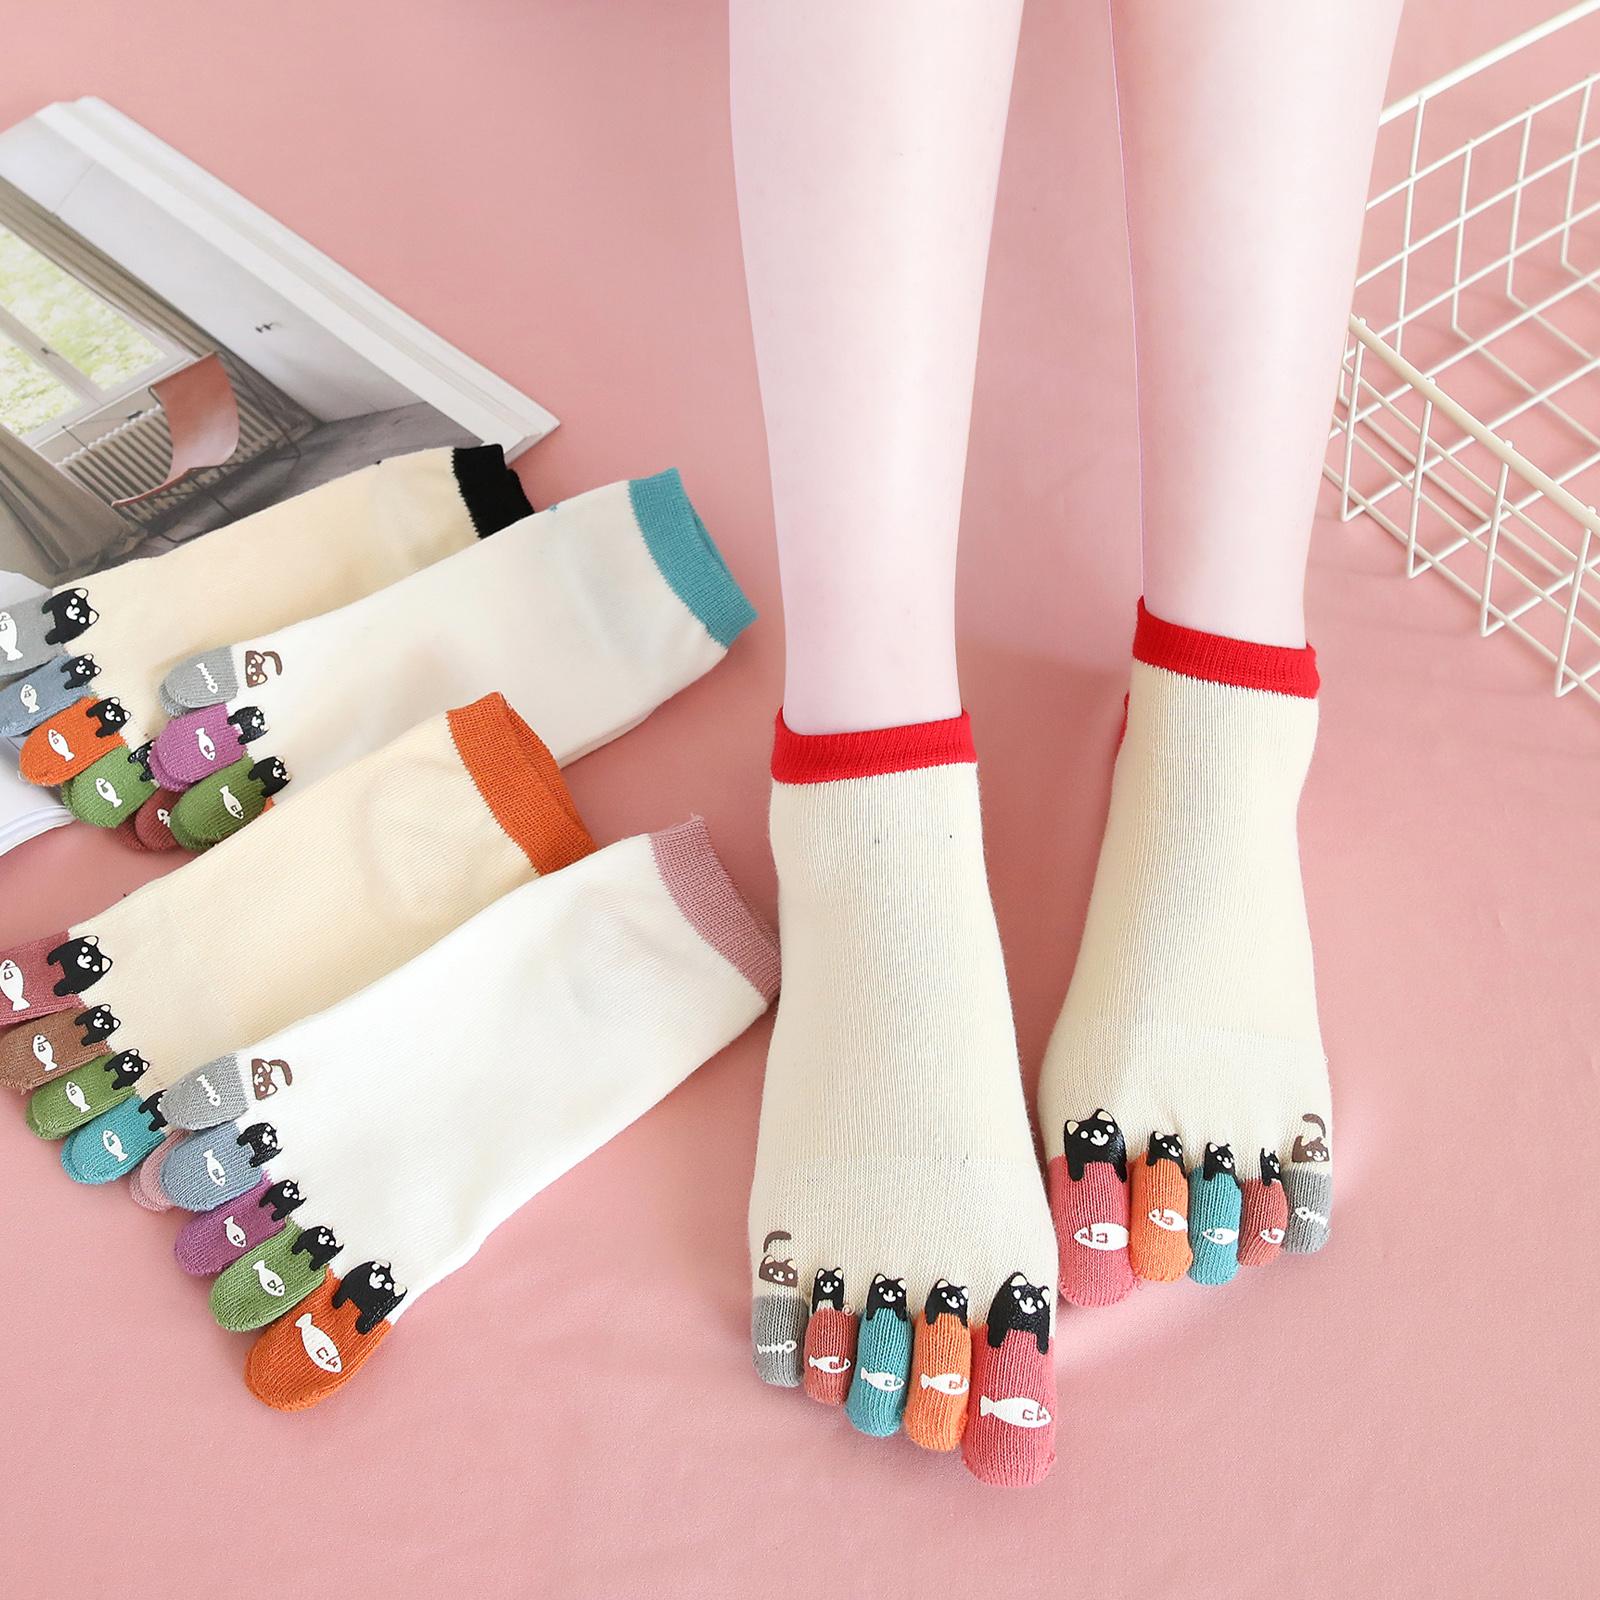 袜子女式五指袜纯棉浅口短袜短筒全棉防臭吸汗韩国可爱卡通秋冬款